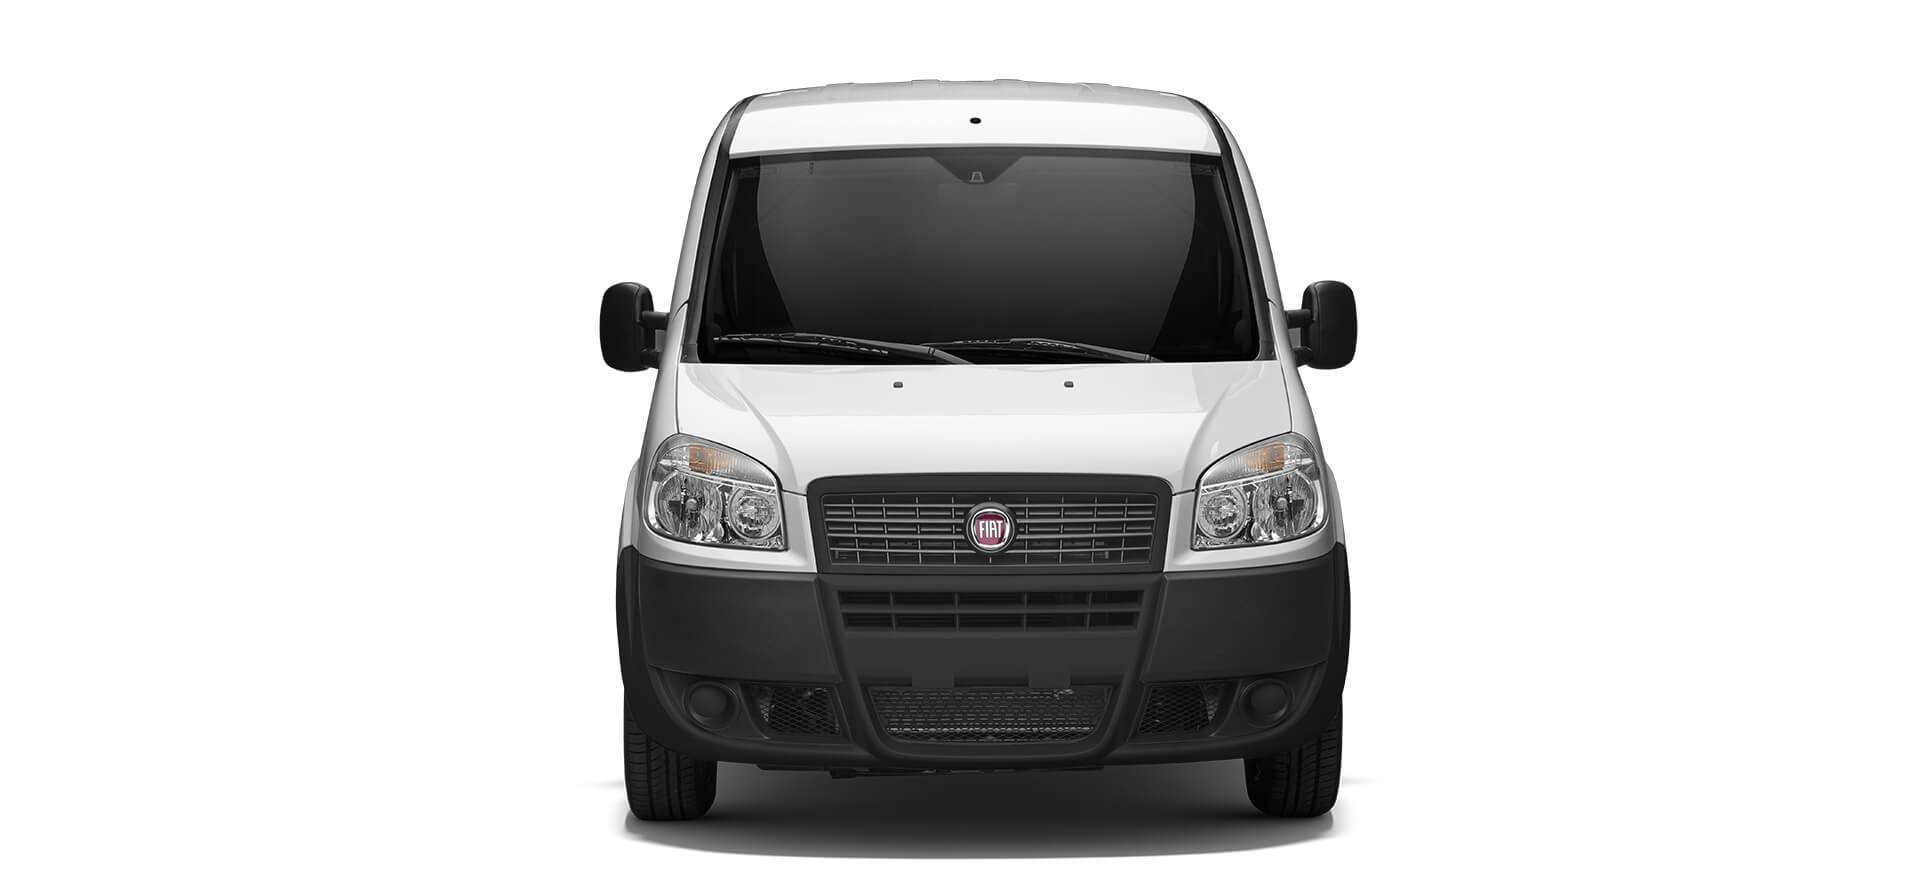 Carros Novos Doblò Cargo  San Marino Fiat